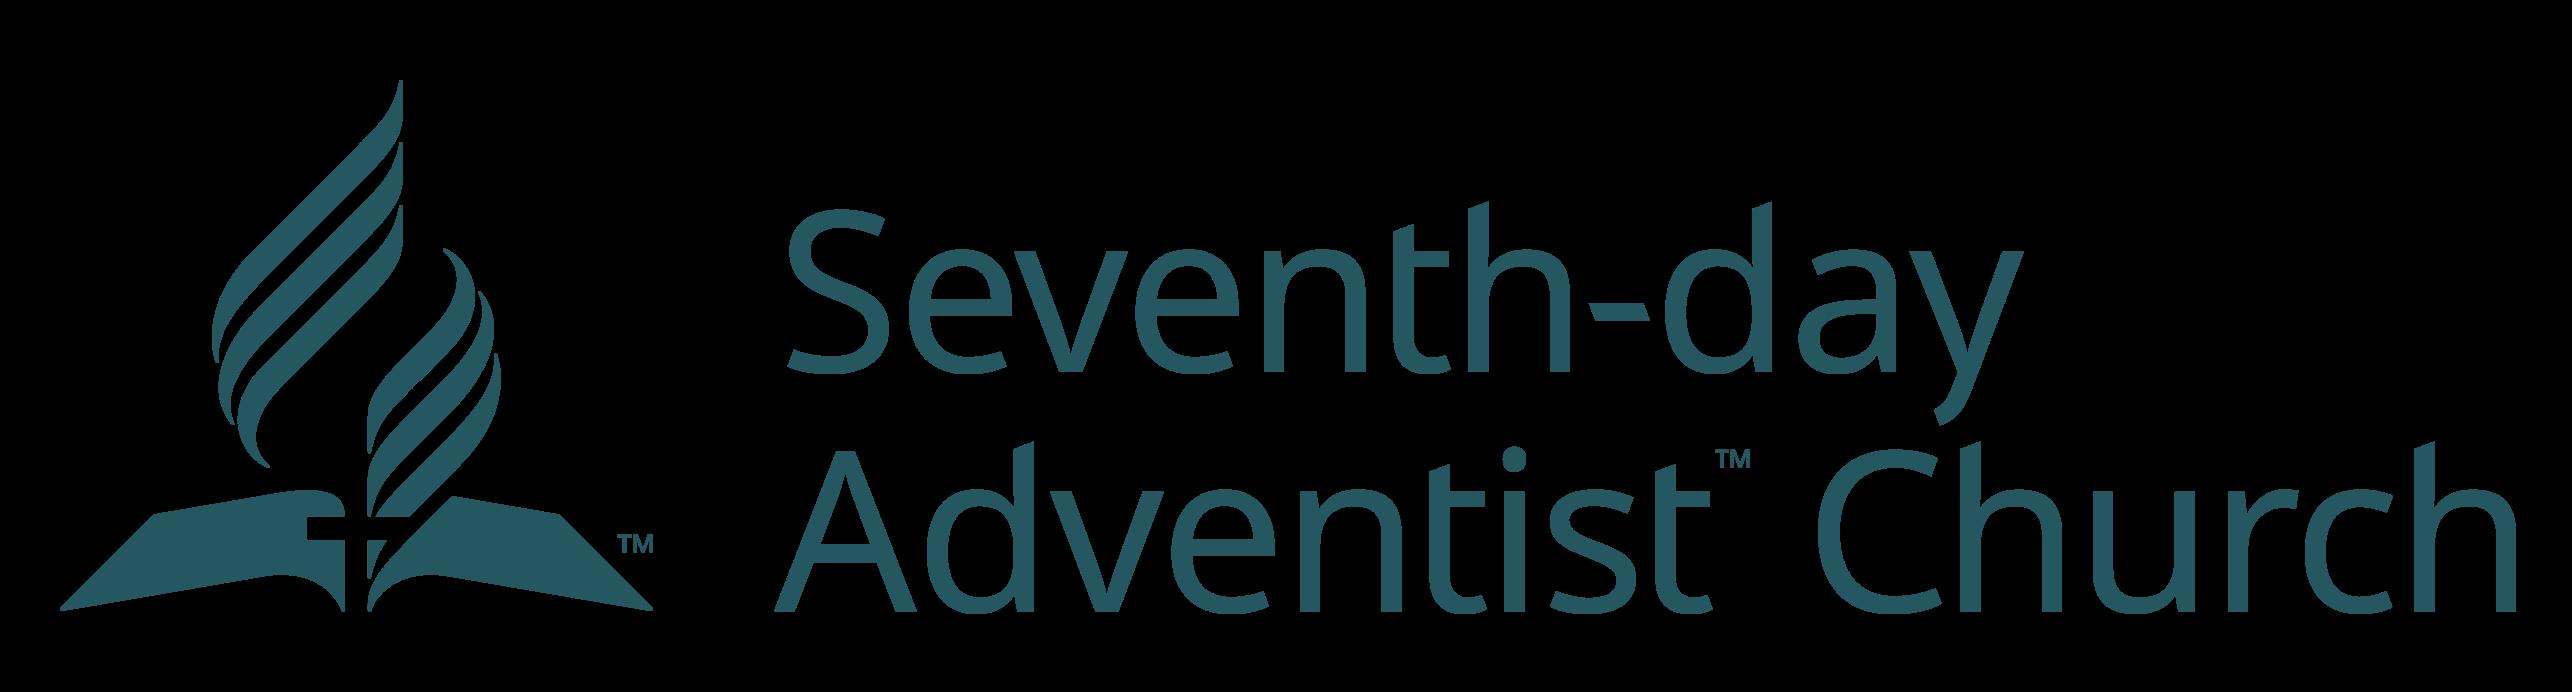 adventist-en-tm-cave